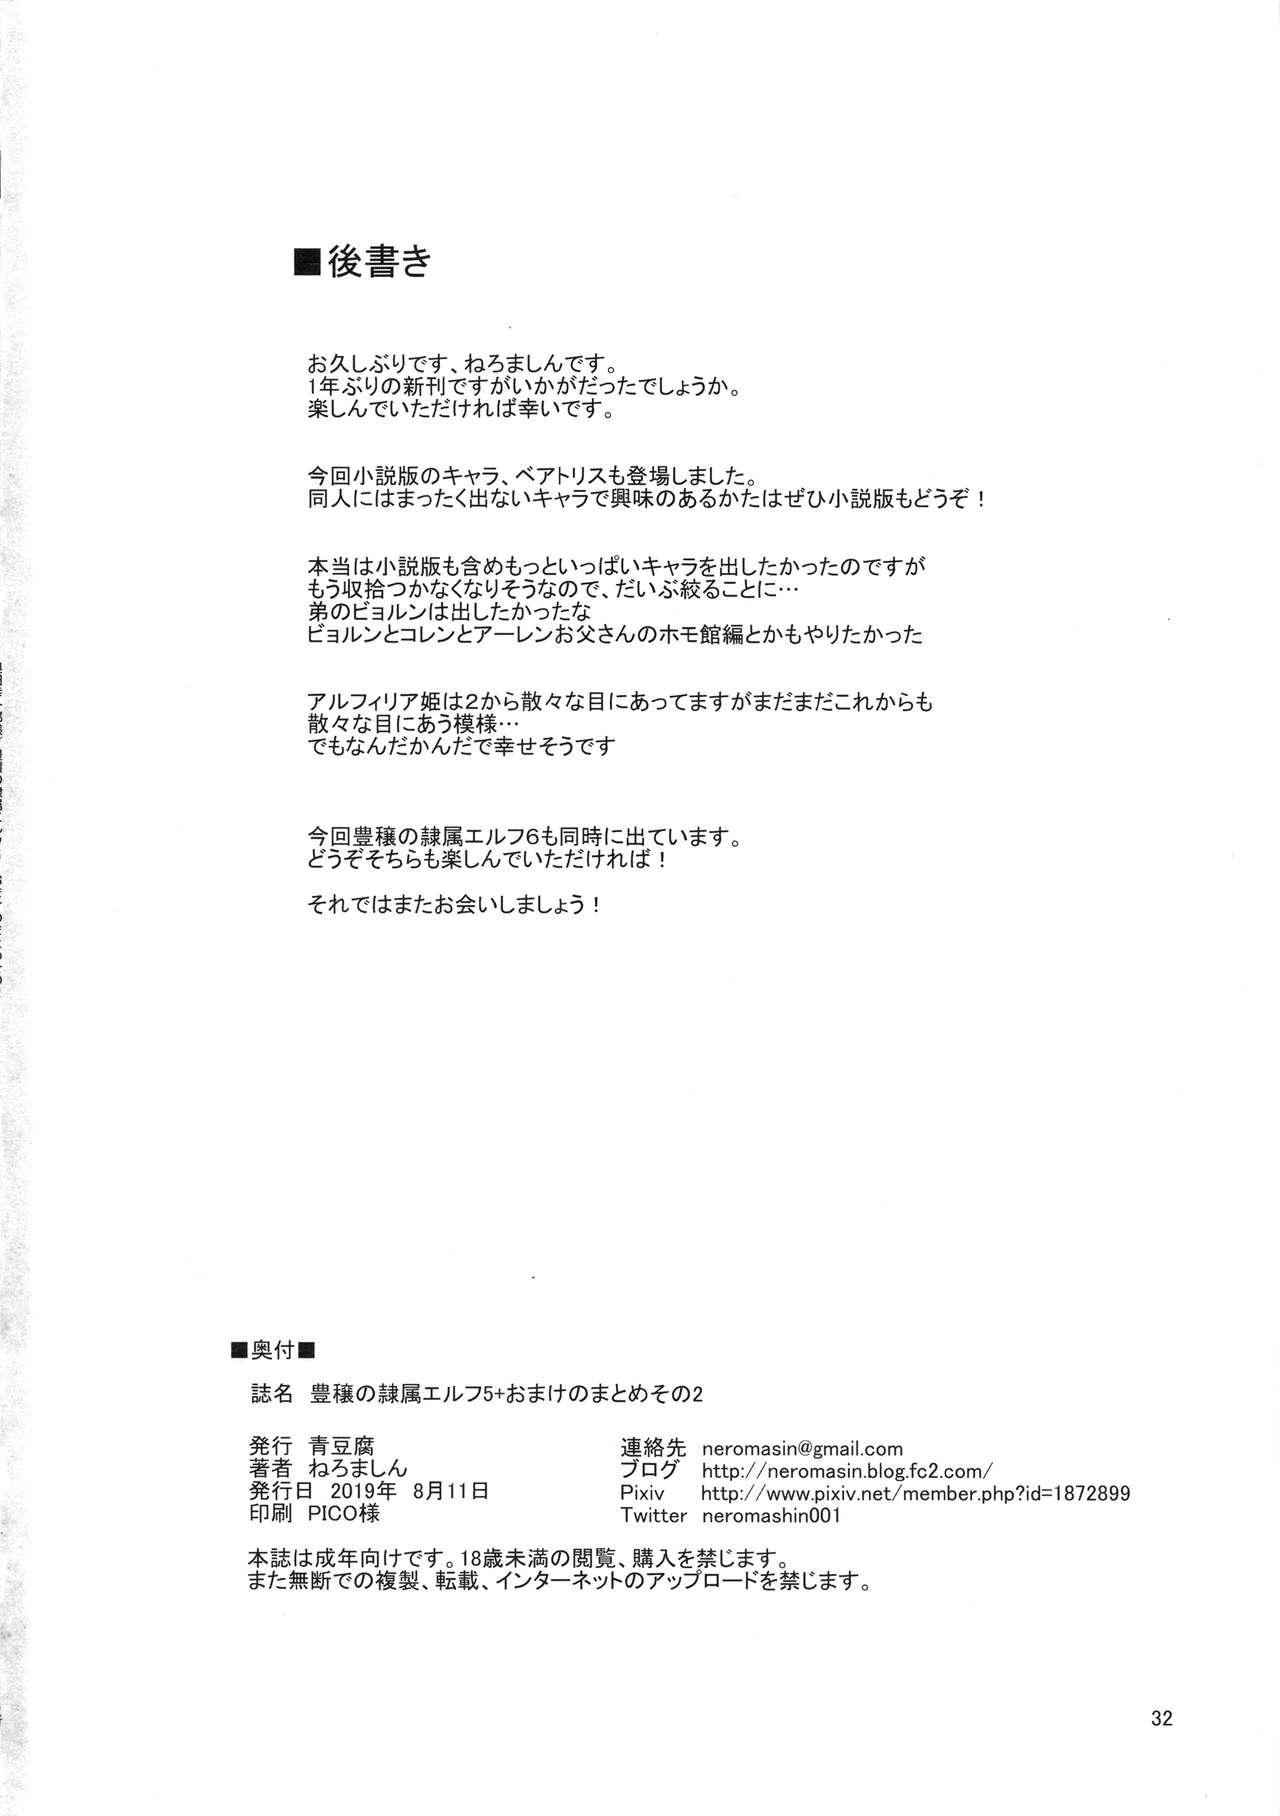 Houjou no Reizoku Elf 5 + Omake no Matome Sono 2 32